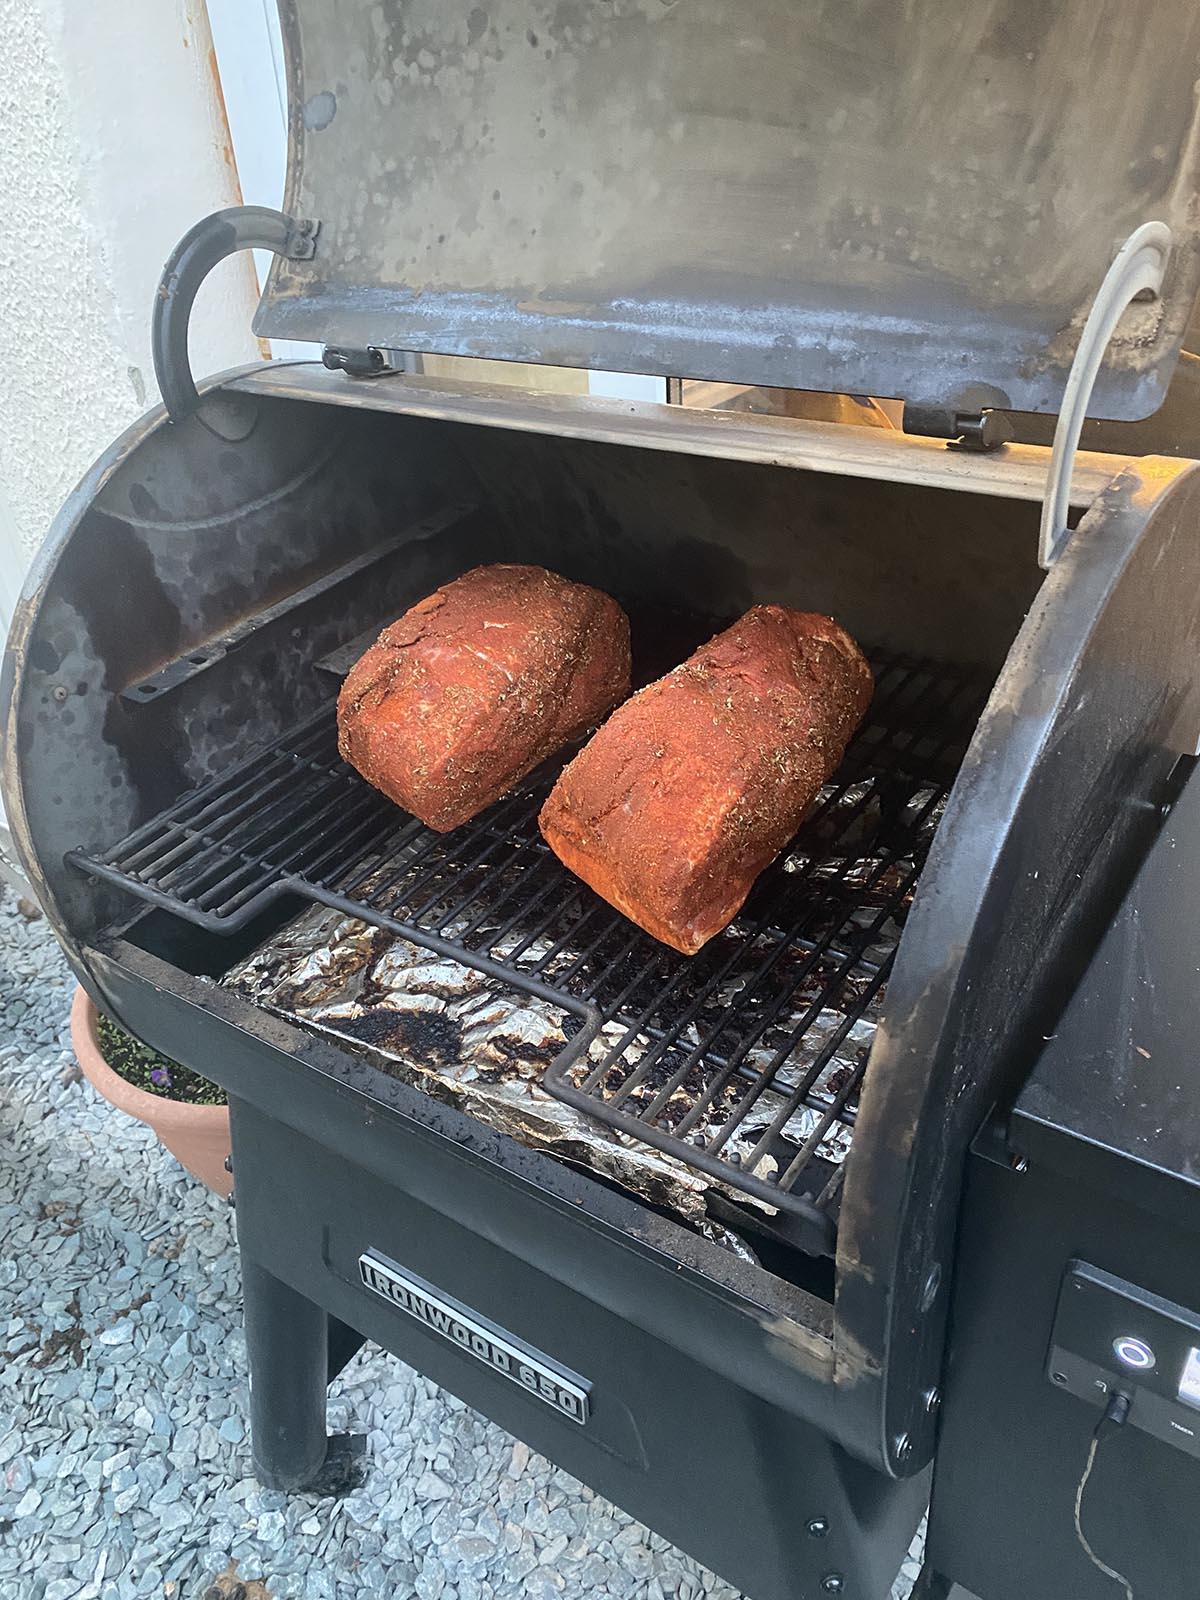 Cooking pork butt